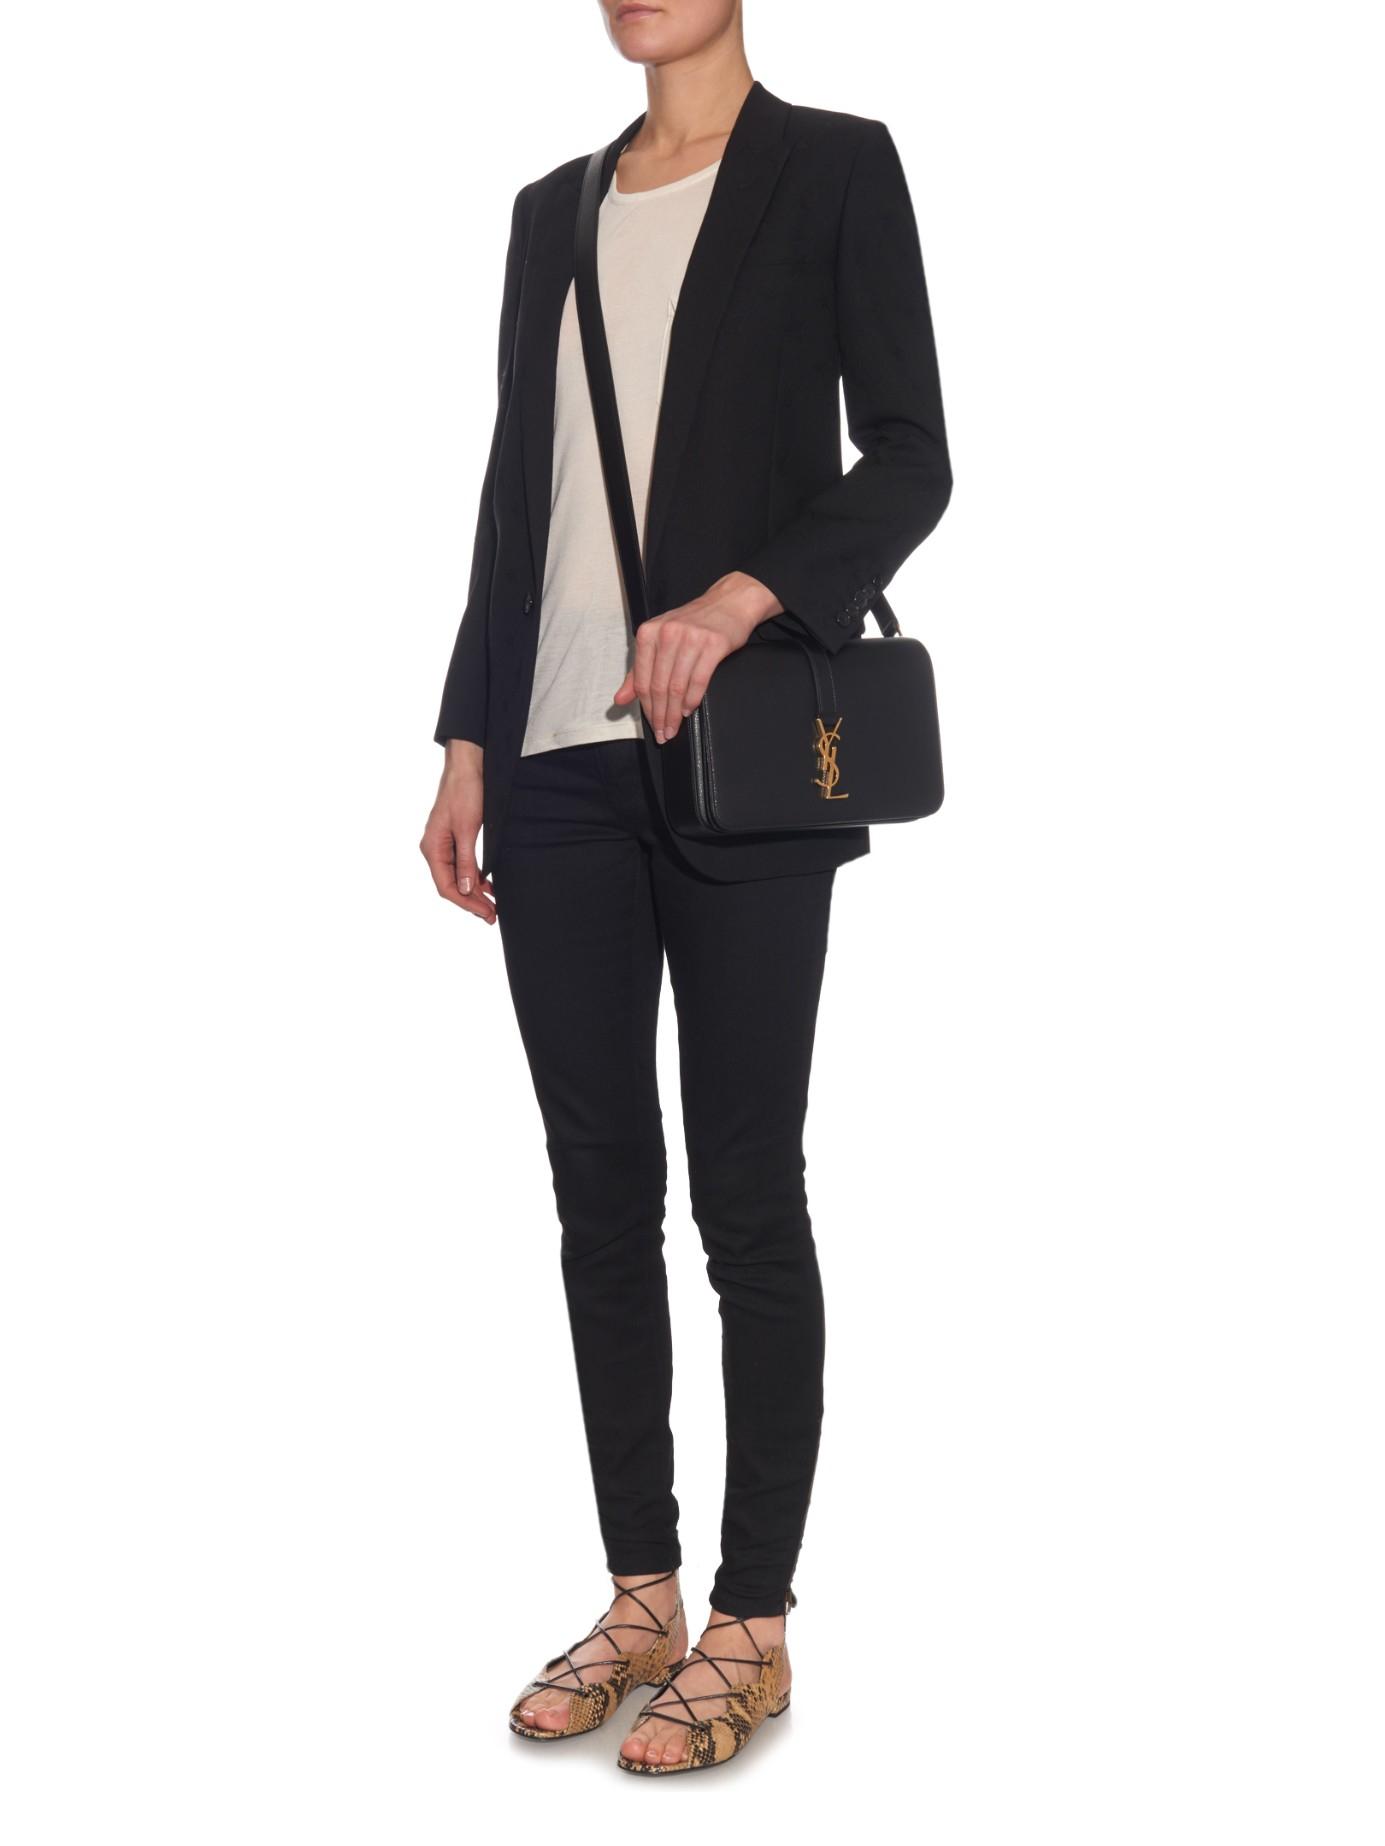 5e404114f4 Lyst - Saint Laurent Université Monogram Leather Cross-body Bag in ...